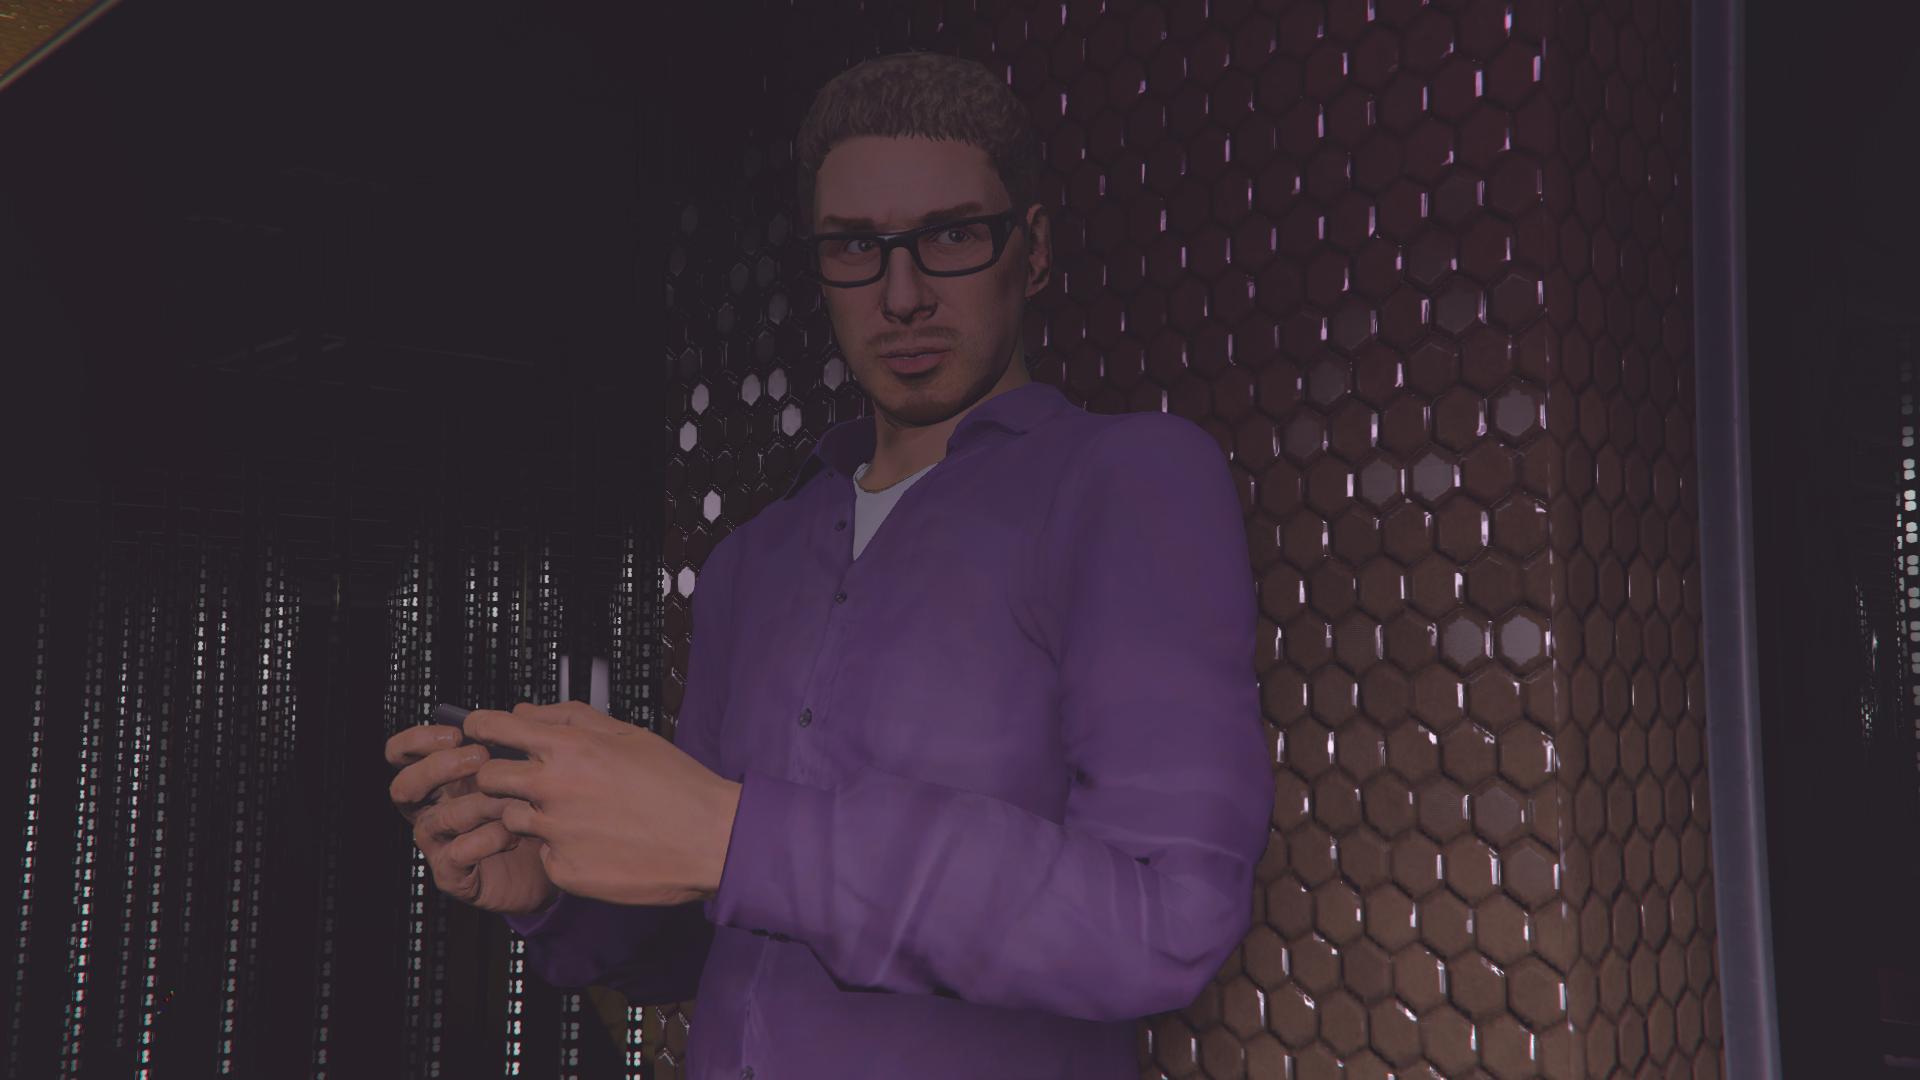 Grand_Theft_Auto_V_6_15_2021_12_59_33_PM